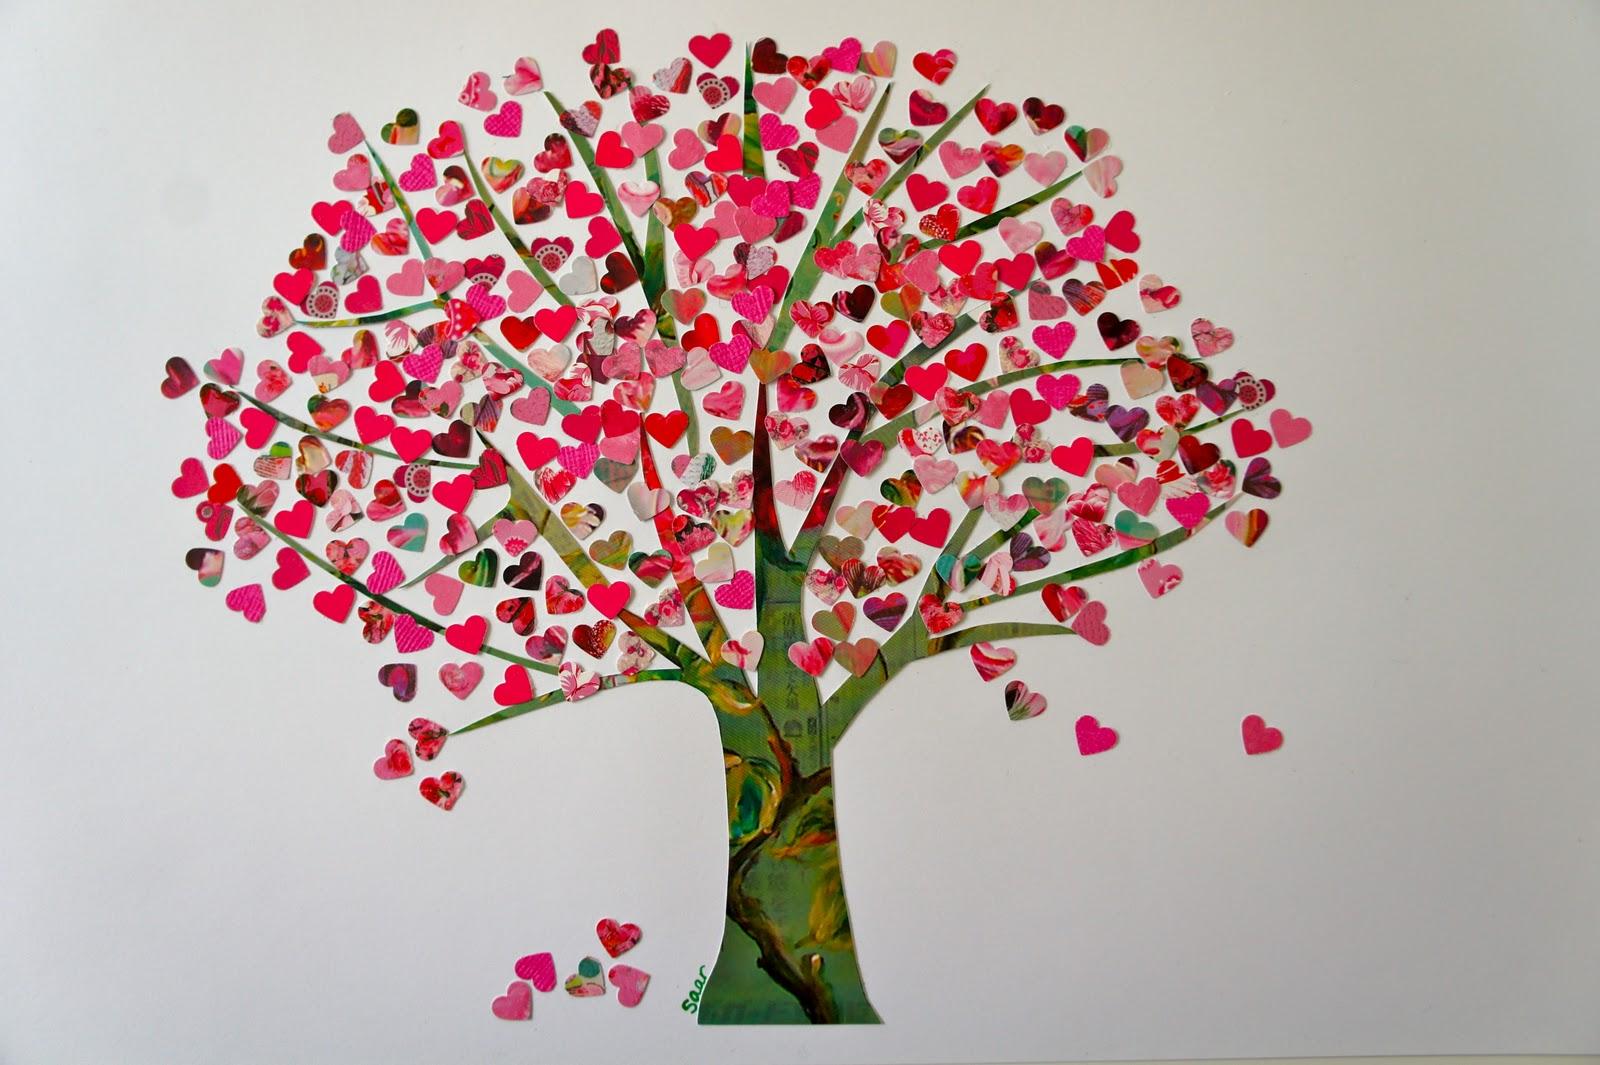 Arreglos 14 Amor Caja Febrero Para El 14 Febrero Y Amistad Dia La De En De Madera De Del